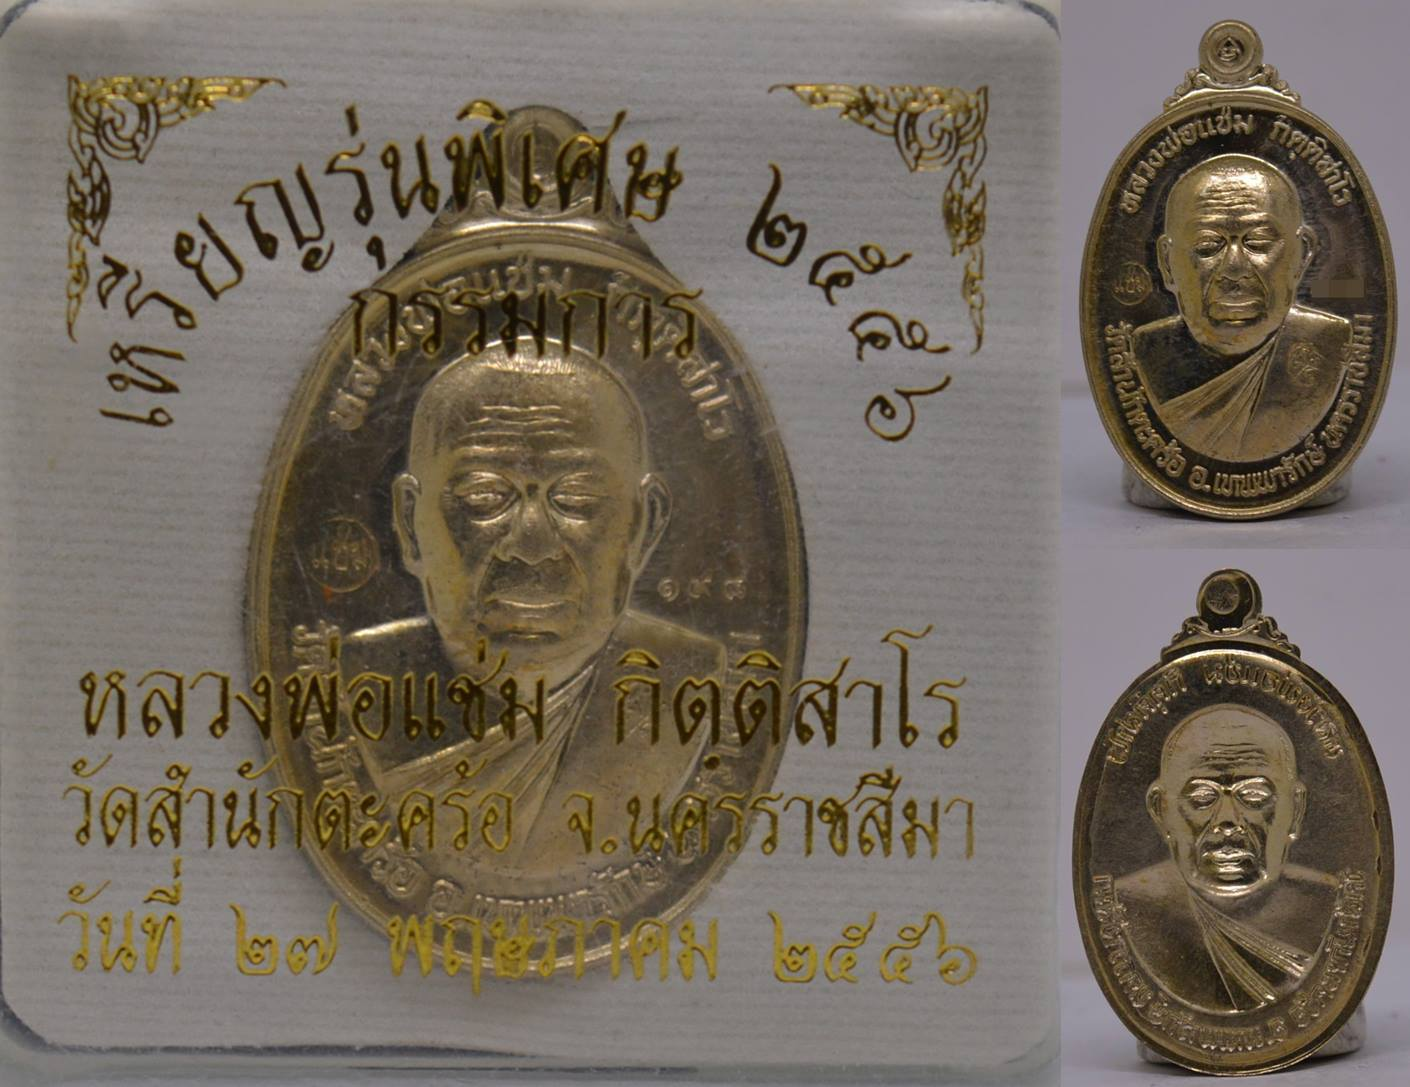 เหรียญรุ่นพิเศษ 2556 หลังยันต์ดวงชาตะ เนื้ออัลปาก้าหลังแบบ หลวงพ่อแช่ม วัดสำนักตะคร้อ